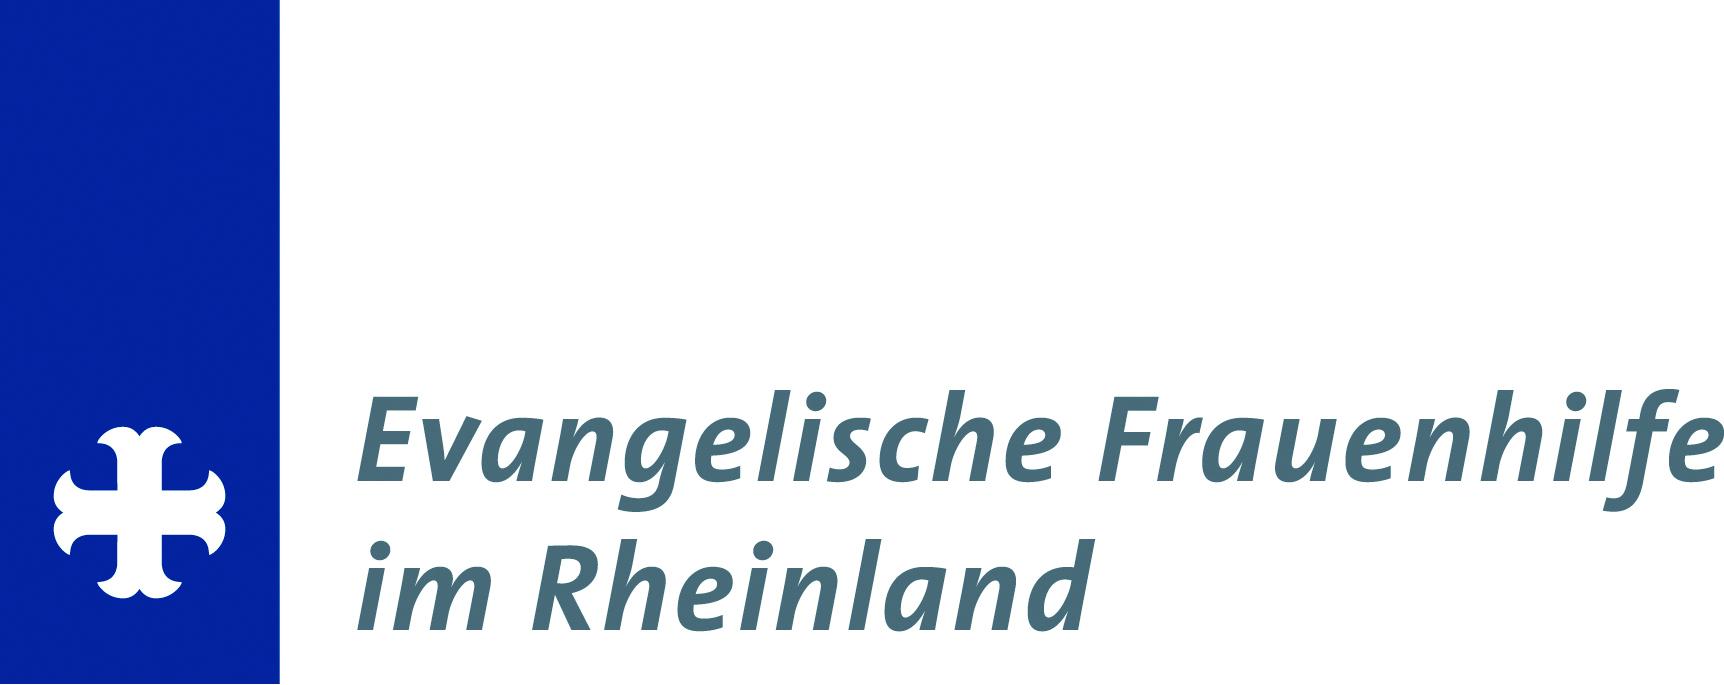 Logo Ev. Frauenhilfe im Rheinland